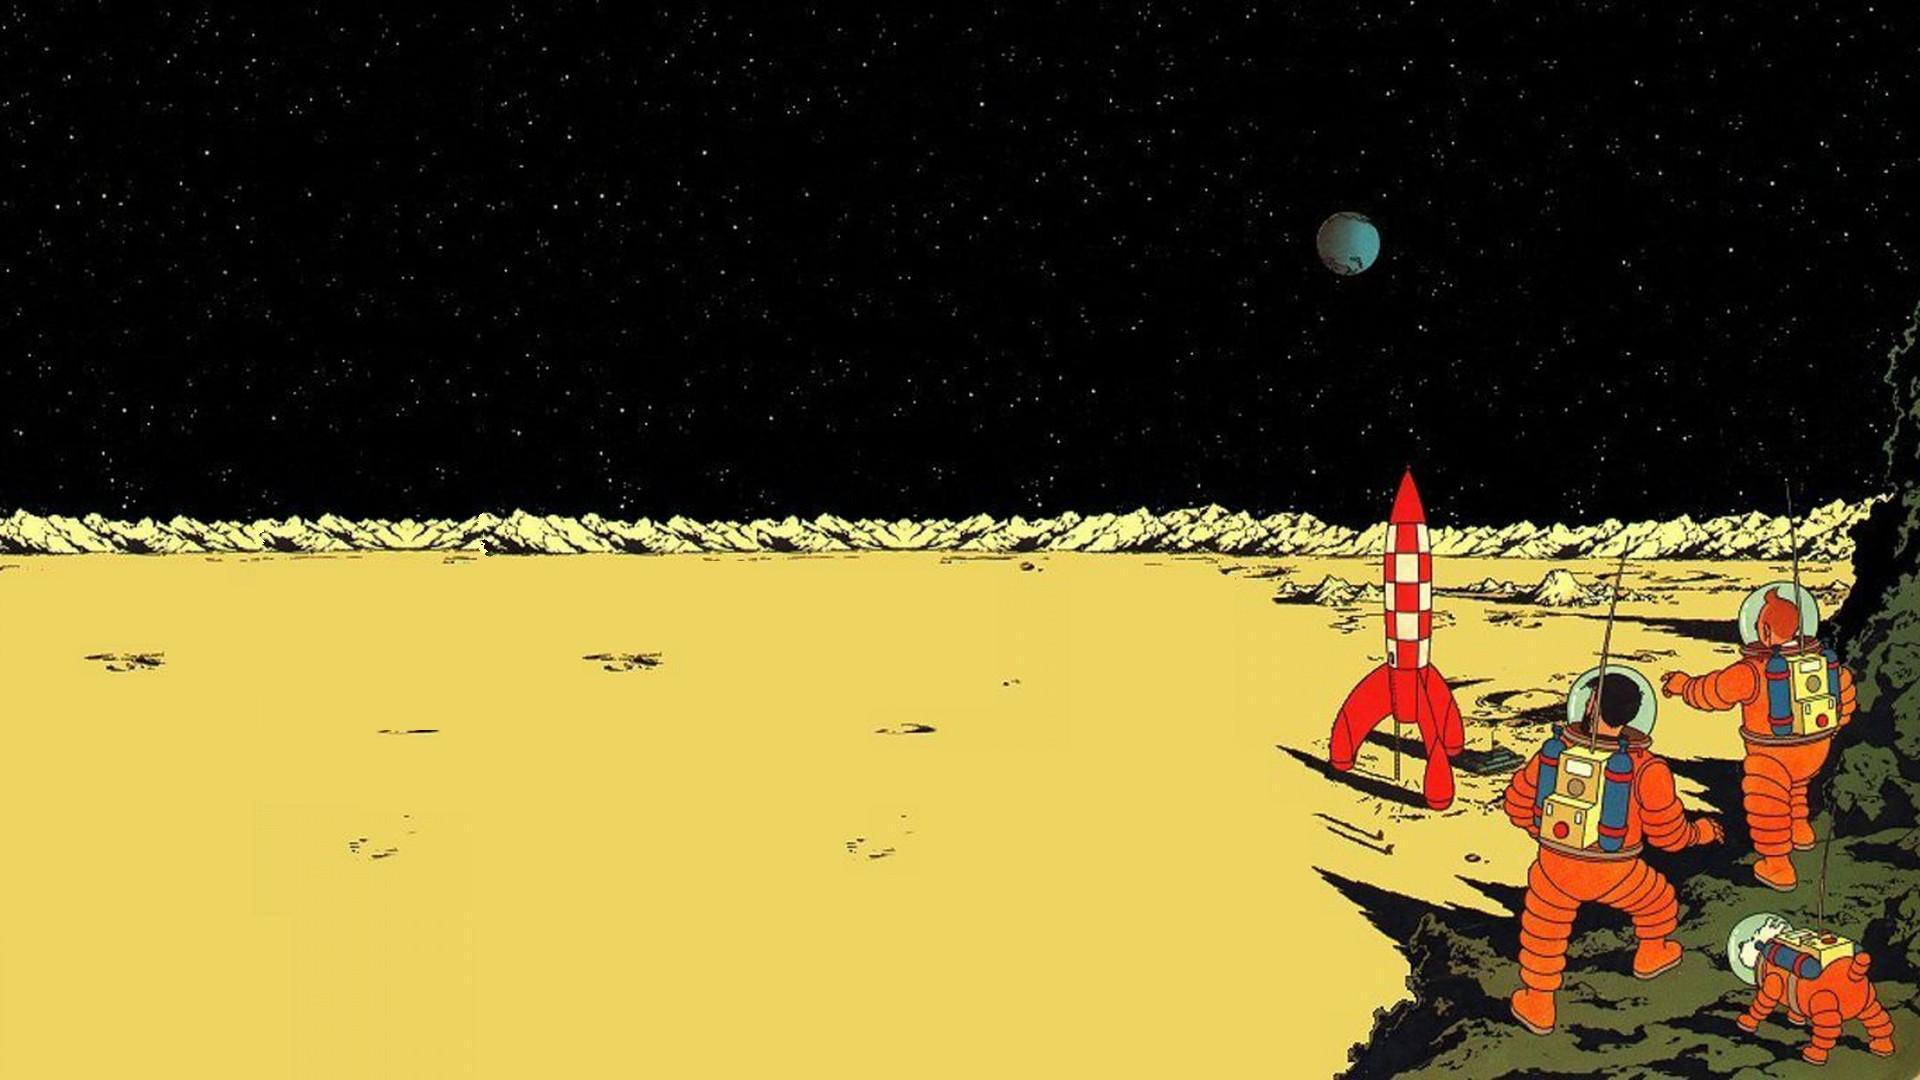 Tintin Ndash New Wallpapers